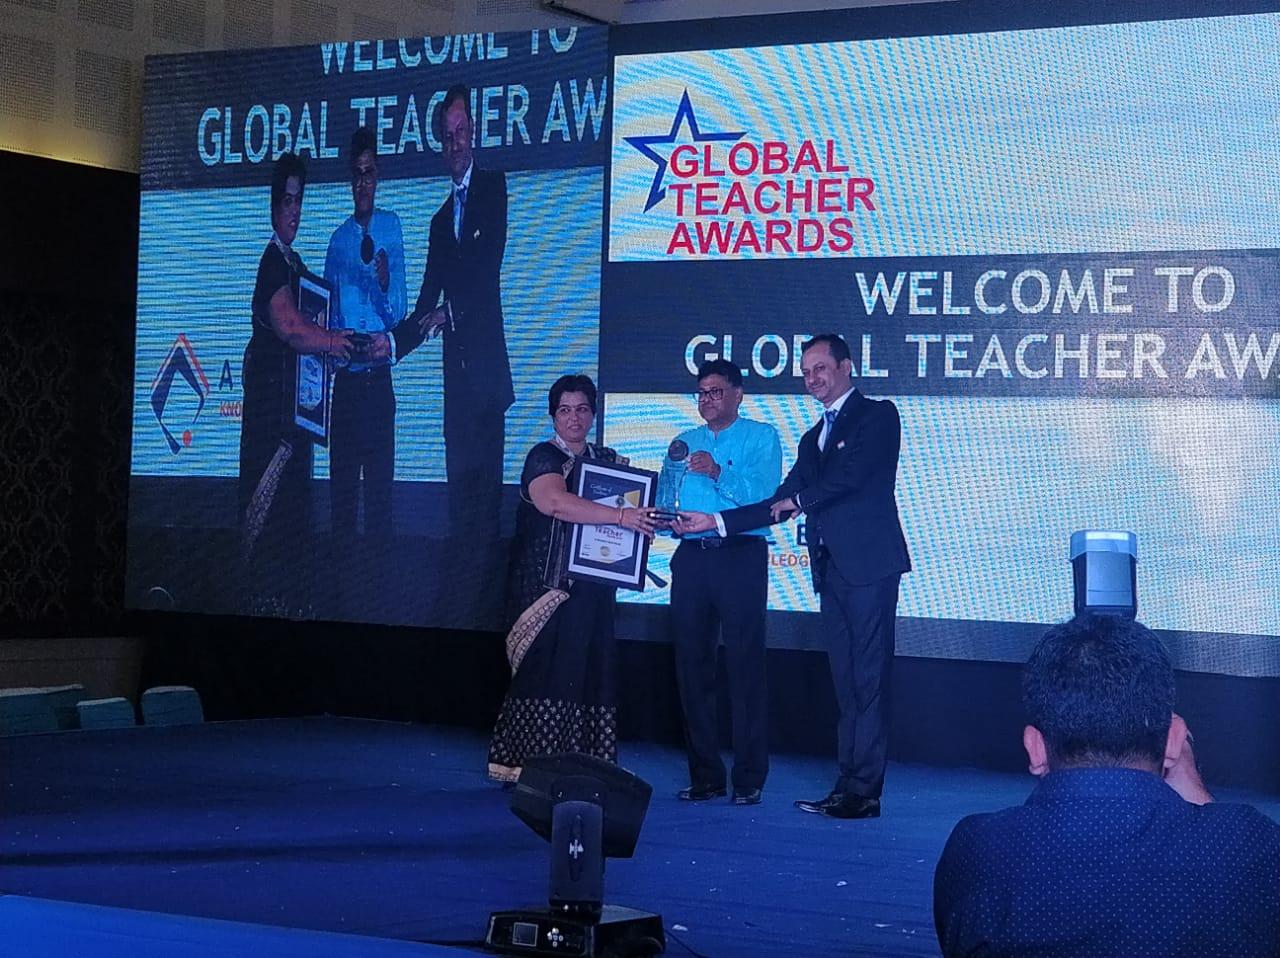 हिंद जिंक विद्यालय अध्यापकों को ग्लोबल टीचर अवार्ड